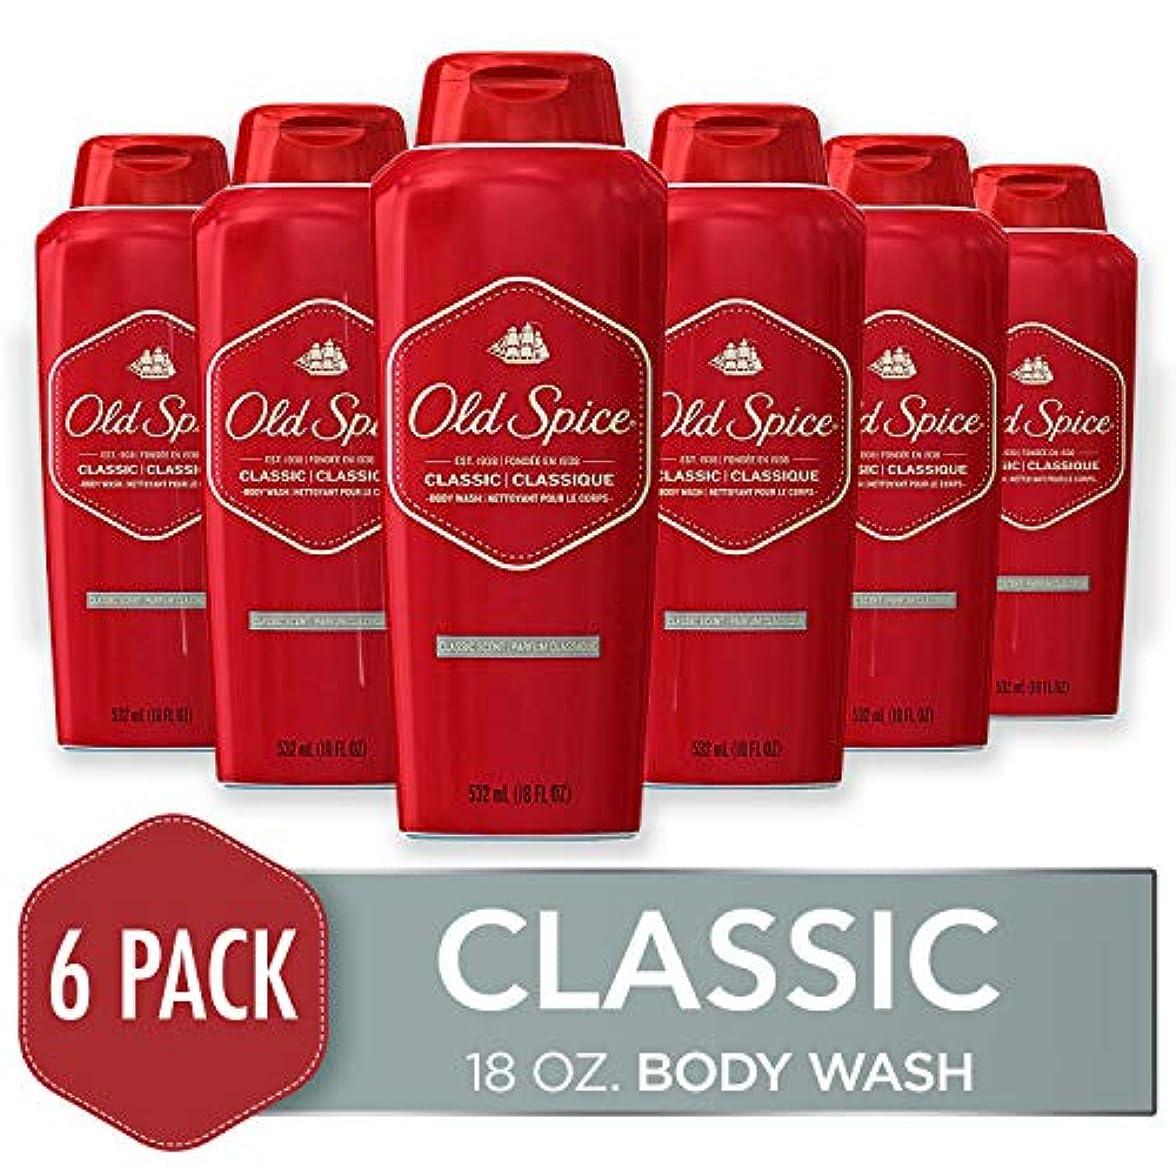 再現するランダム成熟したOld Spice Body Wash Classic Scent 535 ml (Pack of 6) (並行輸入品)